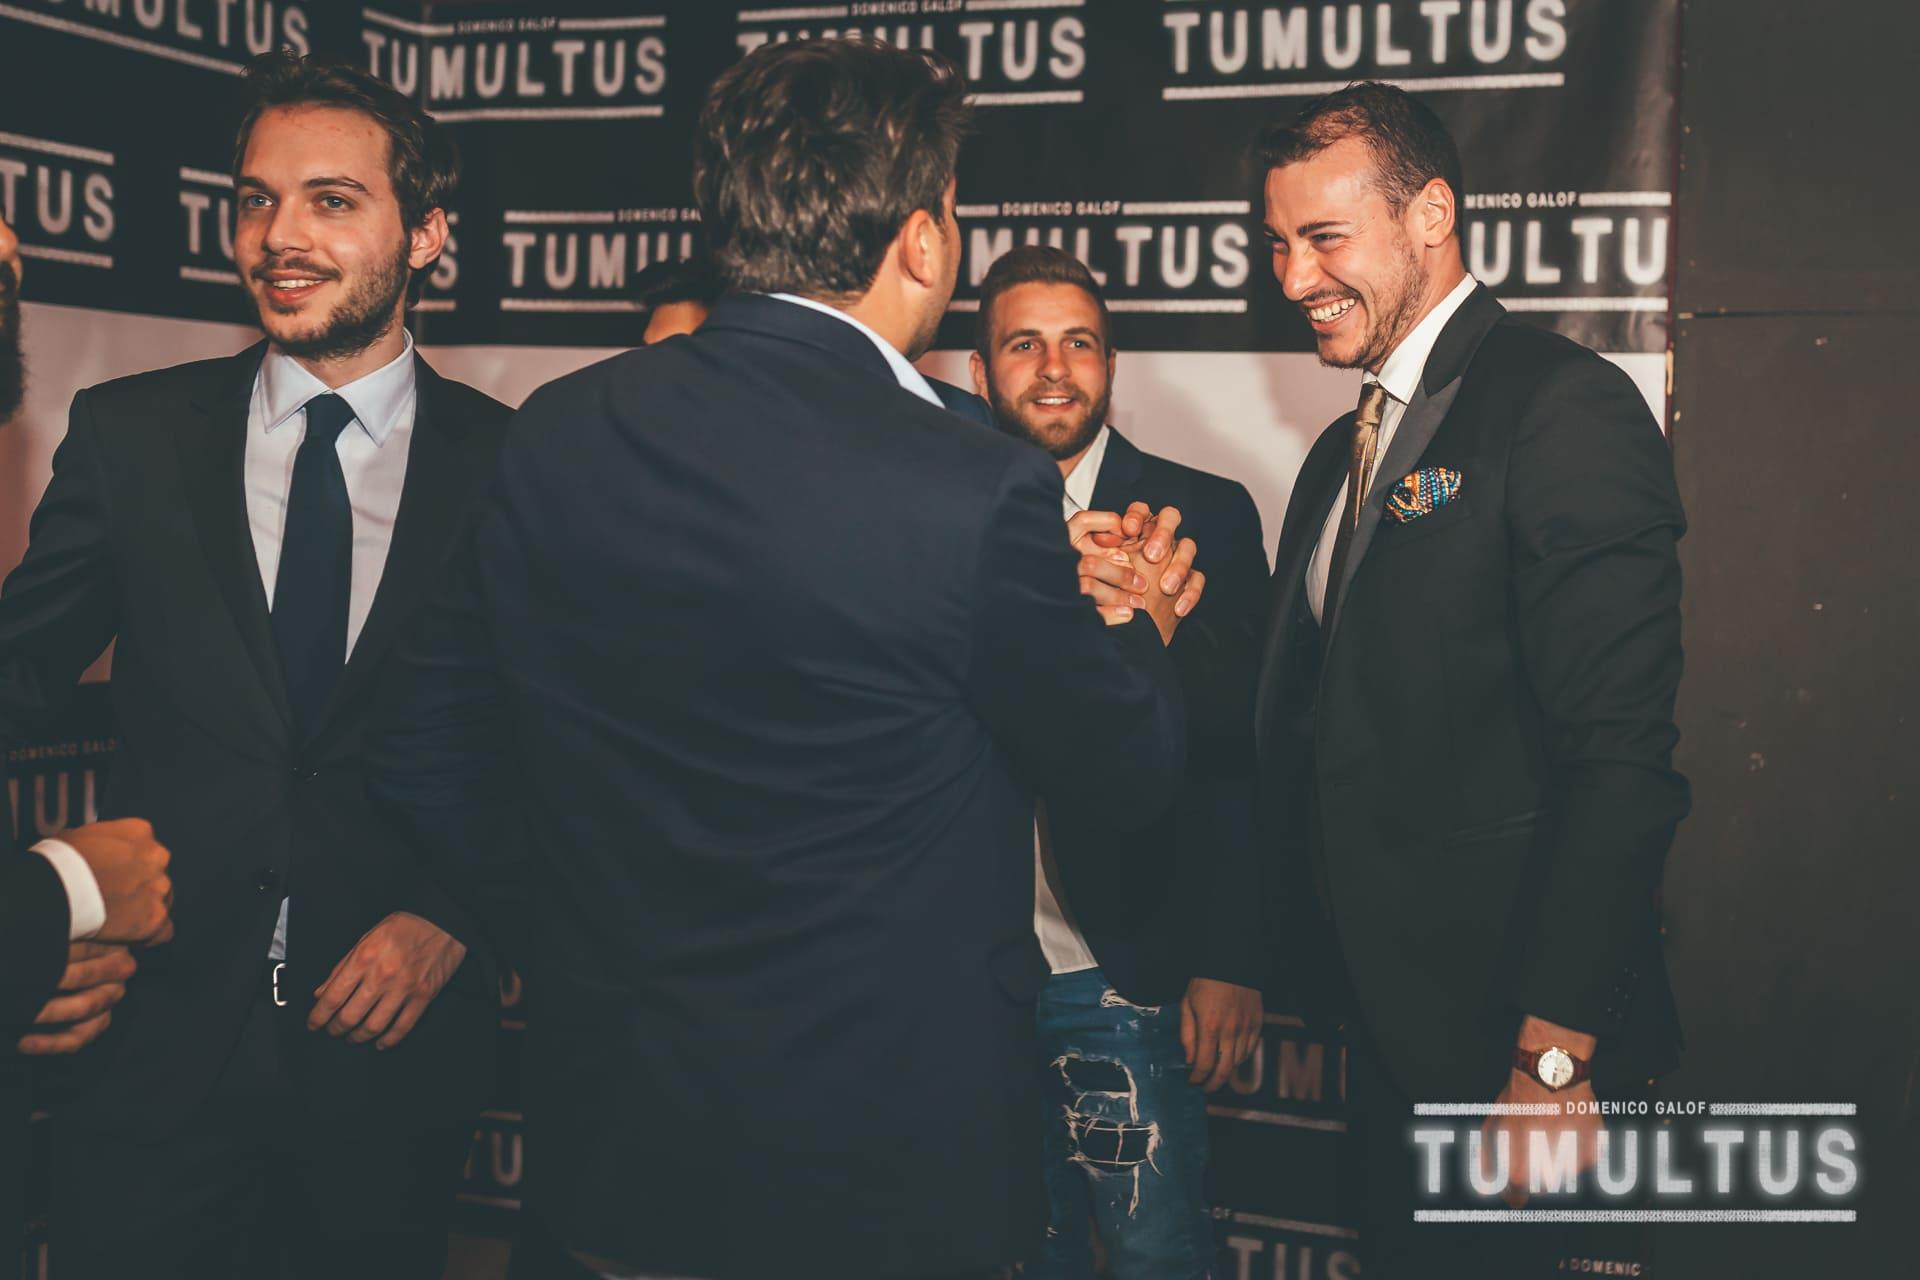 L'Origine di Tumultus (119)